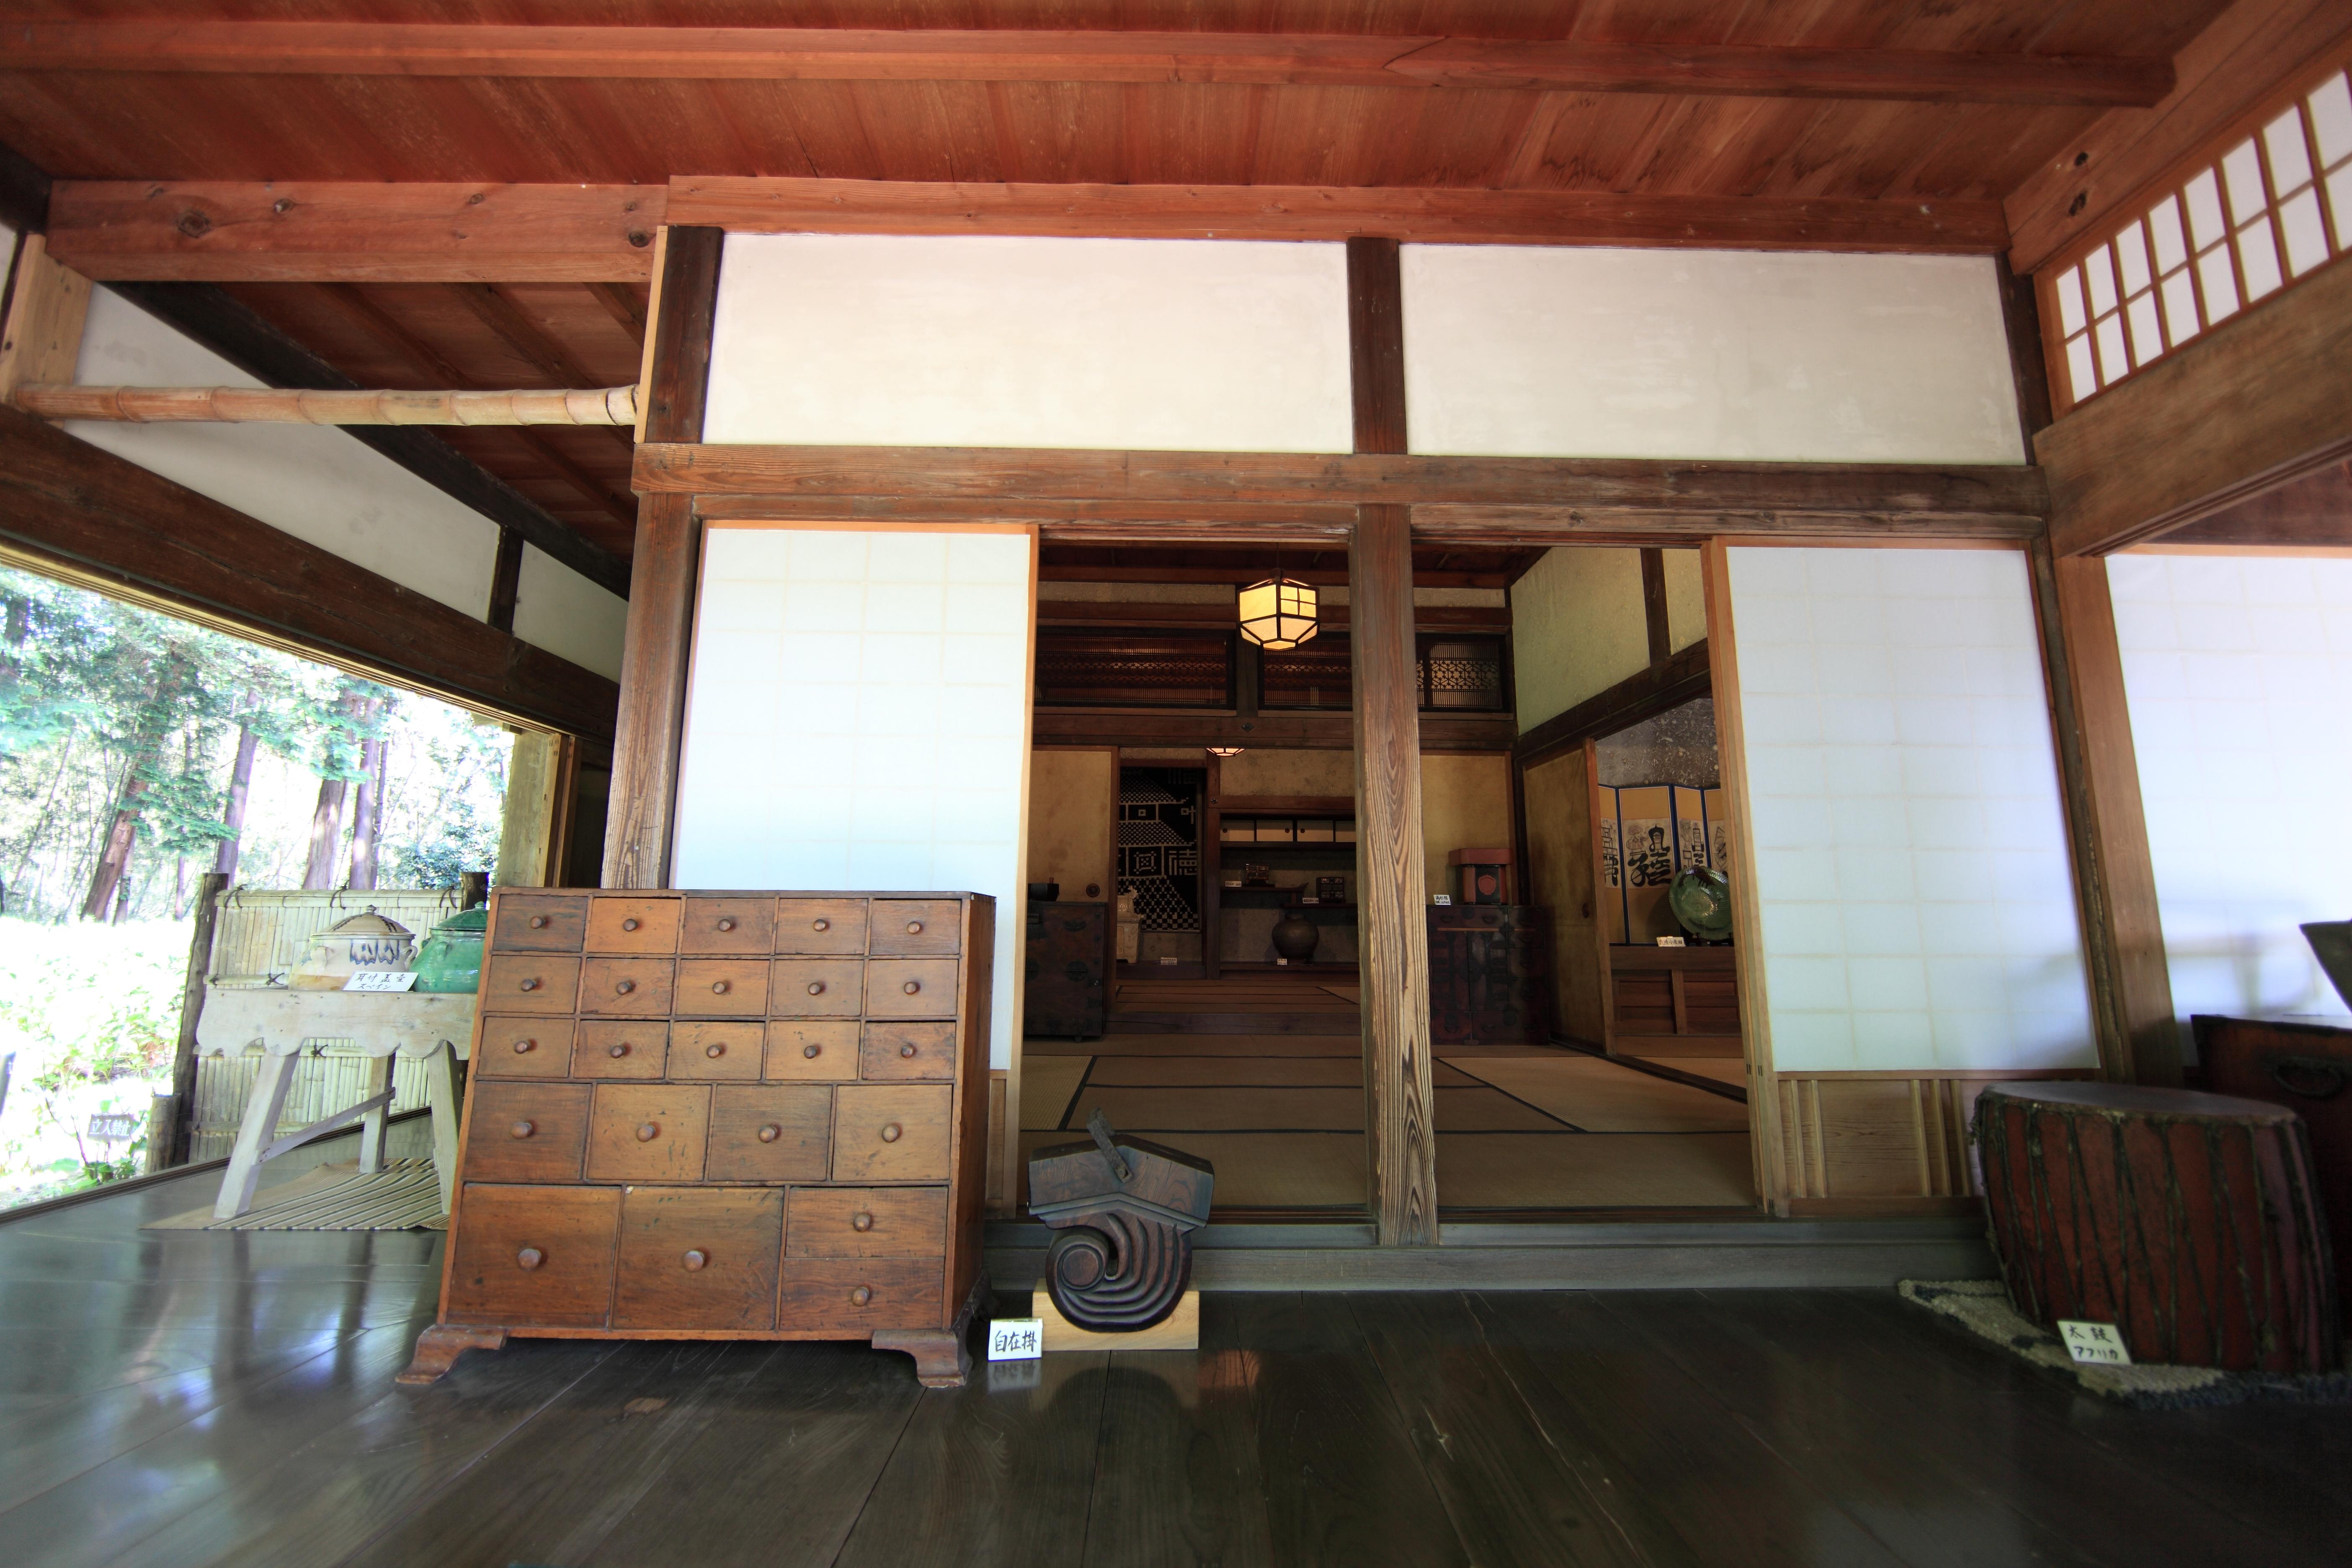 Kostenlose foto : Holz, Haus, Stock, Innere, Gebäude, Zuhause, Decke ...